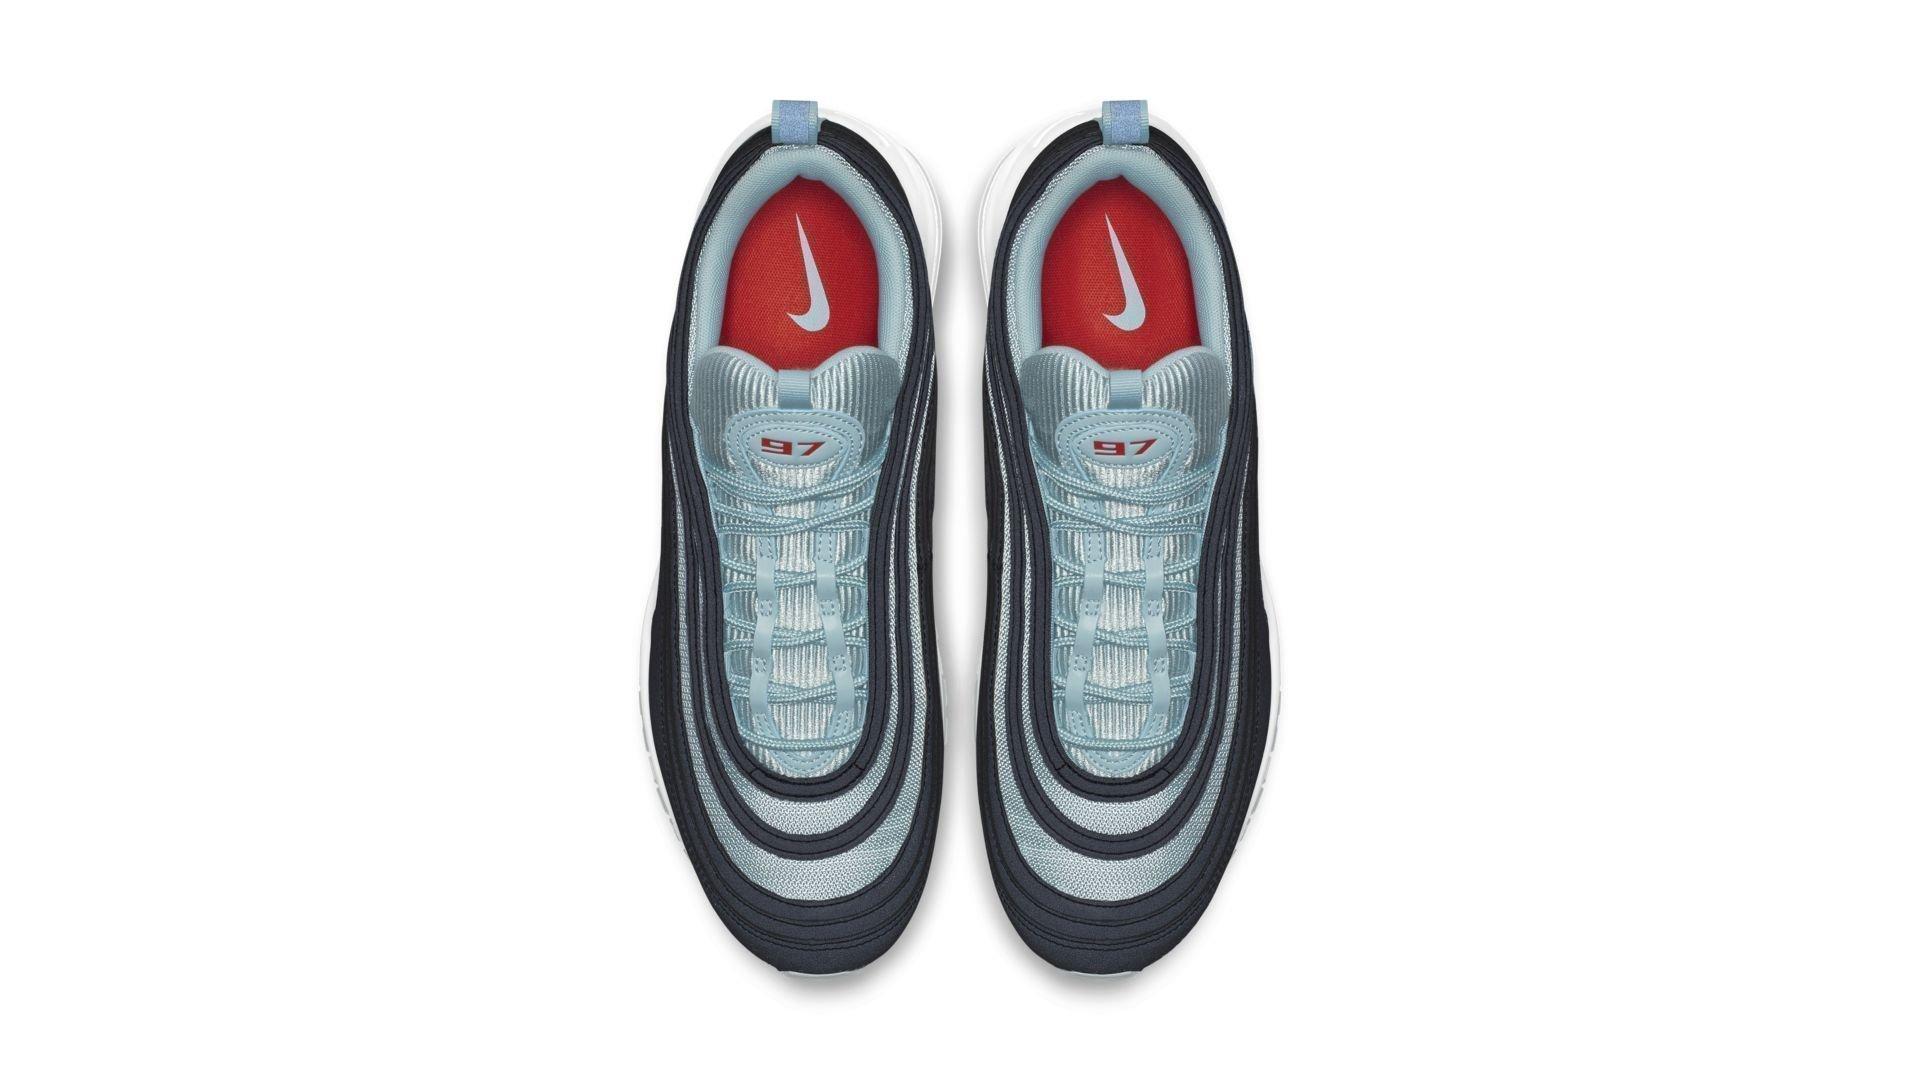 Nike Air Max 97 'Ocean Bliss' (AV7025-400)